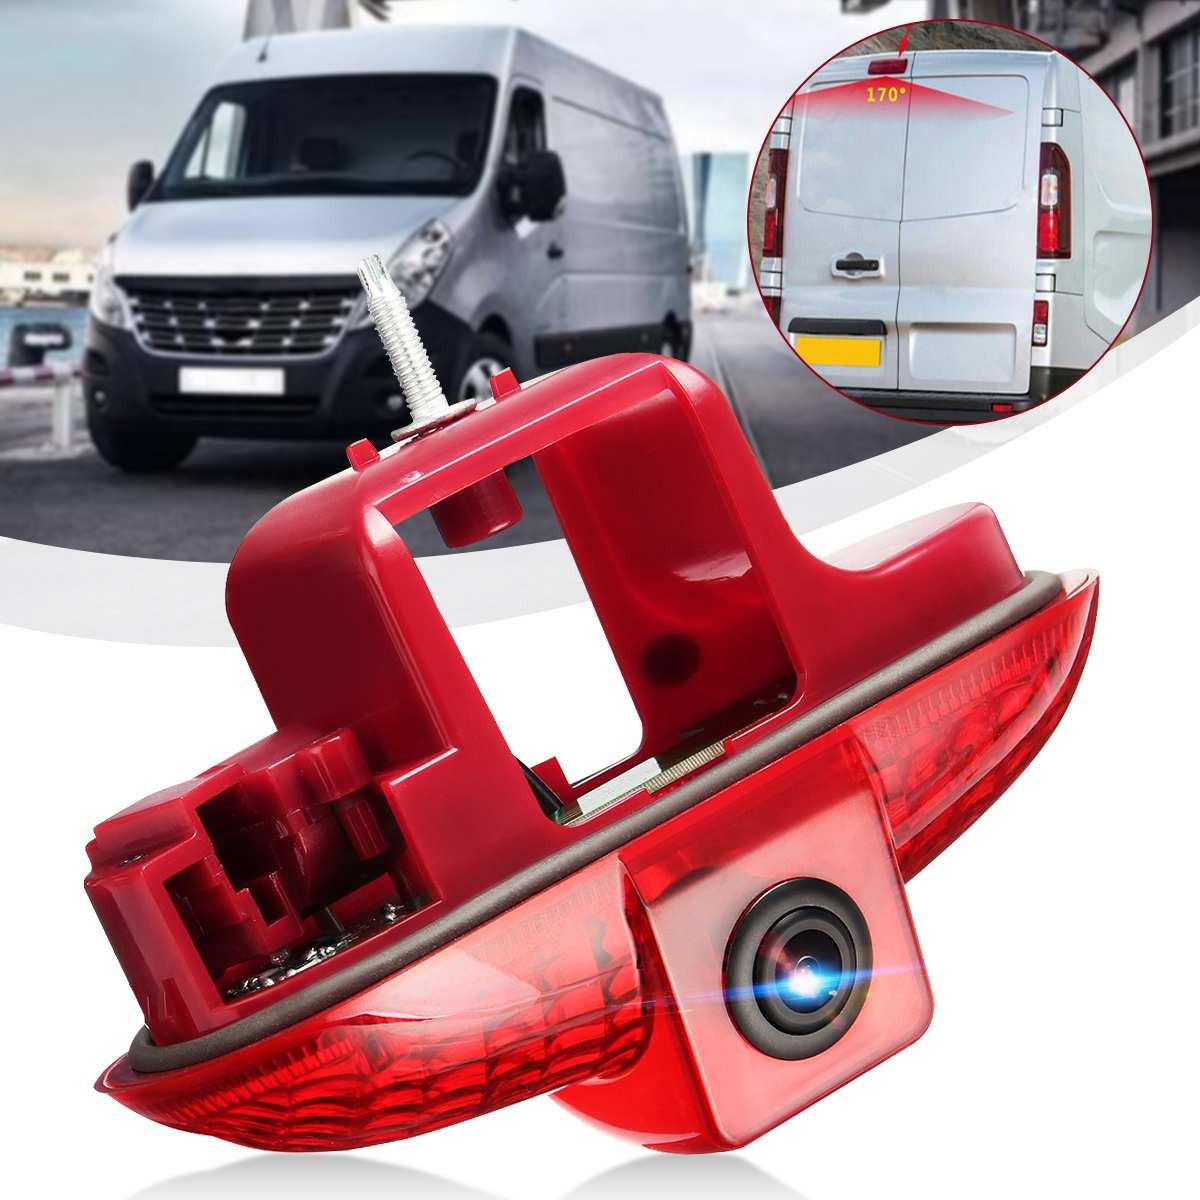 MASCHERINA KIT AUTORADIO MONITOR GPS DOPPIO 2 DIN OPEL VIVARO RENAULT TRAFIC LUX